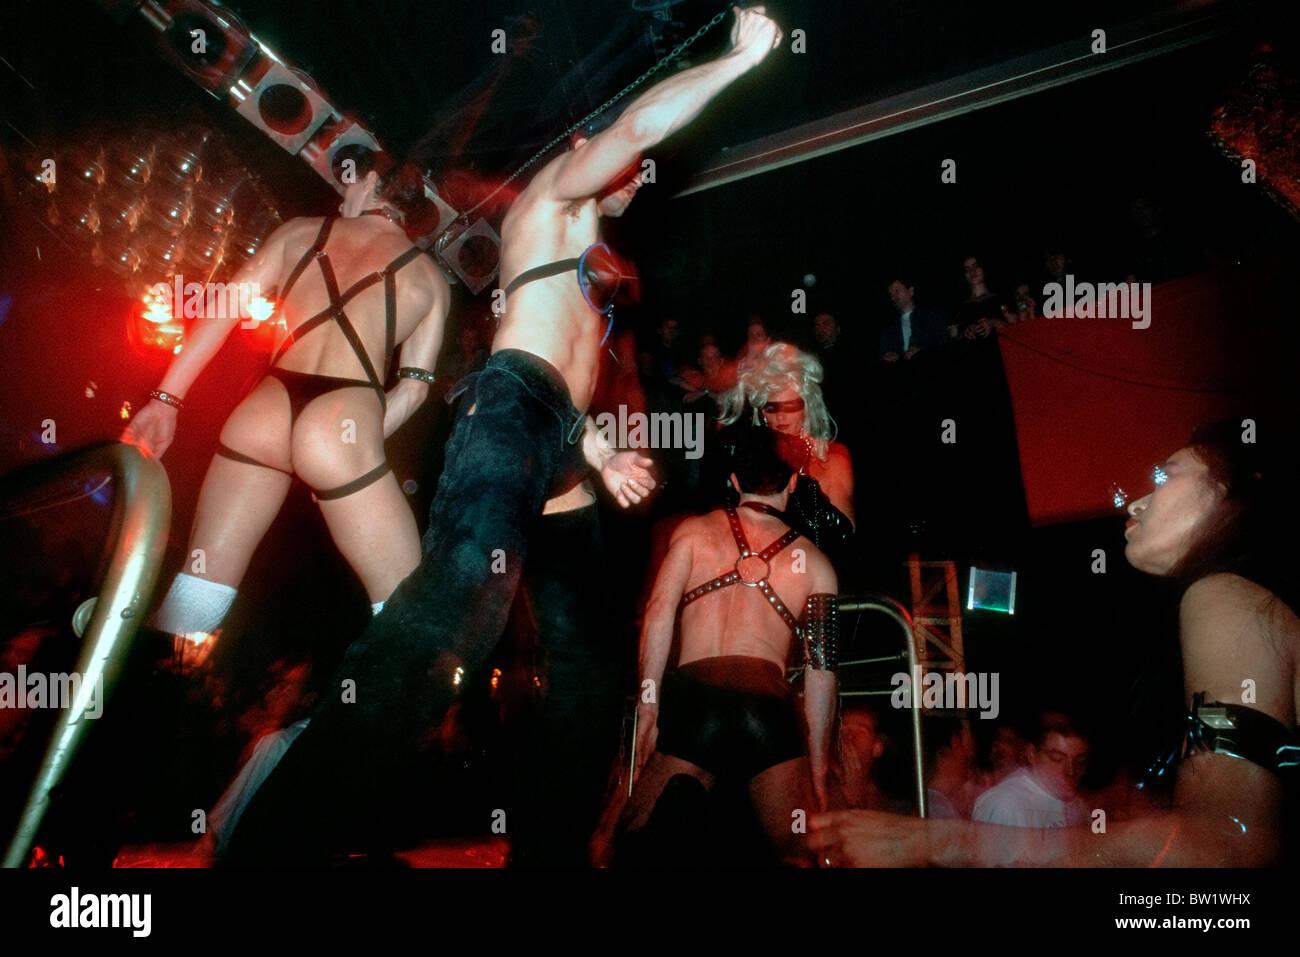 Live sex show in paris